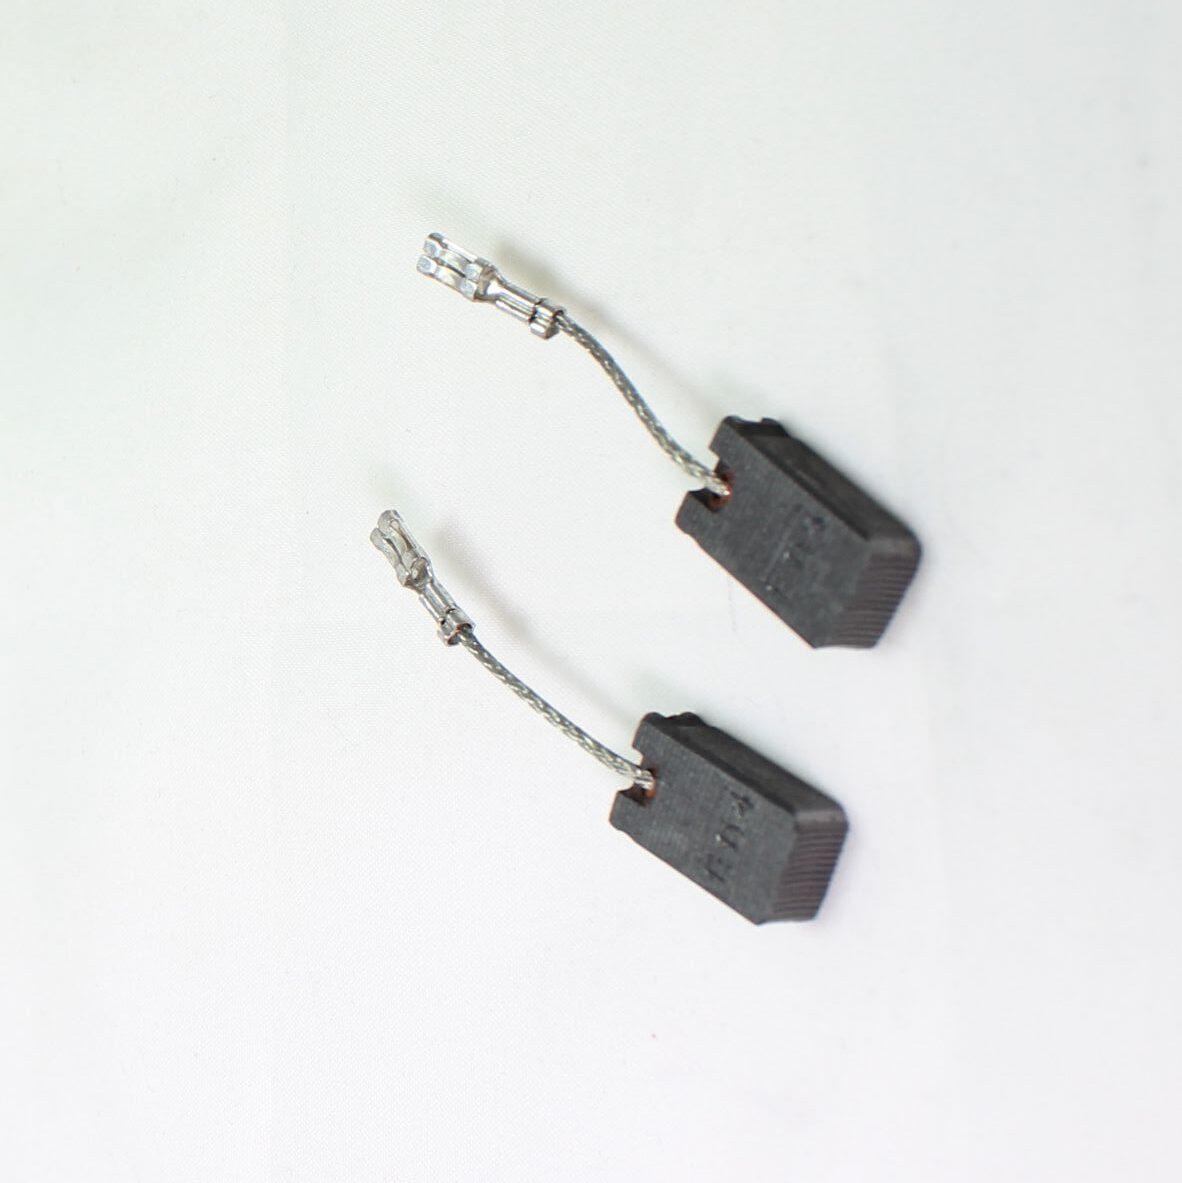 Комплект угольных щеток BOSCH. Код 1607000V37